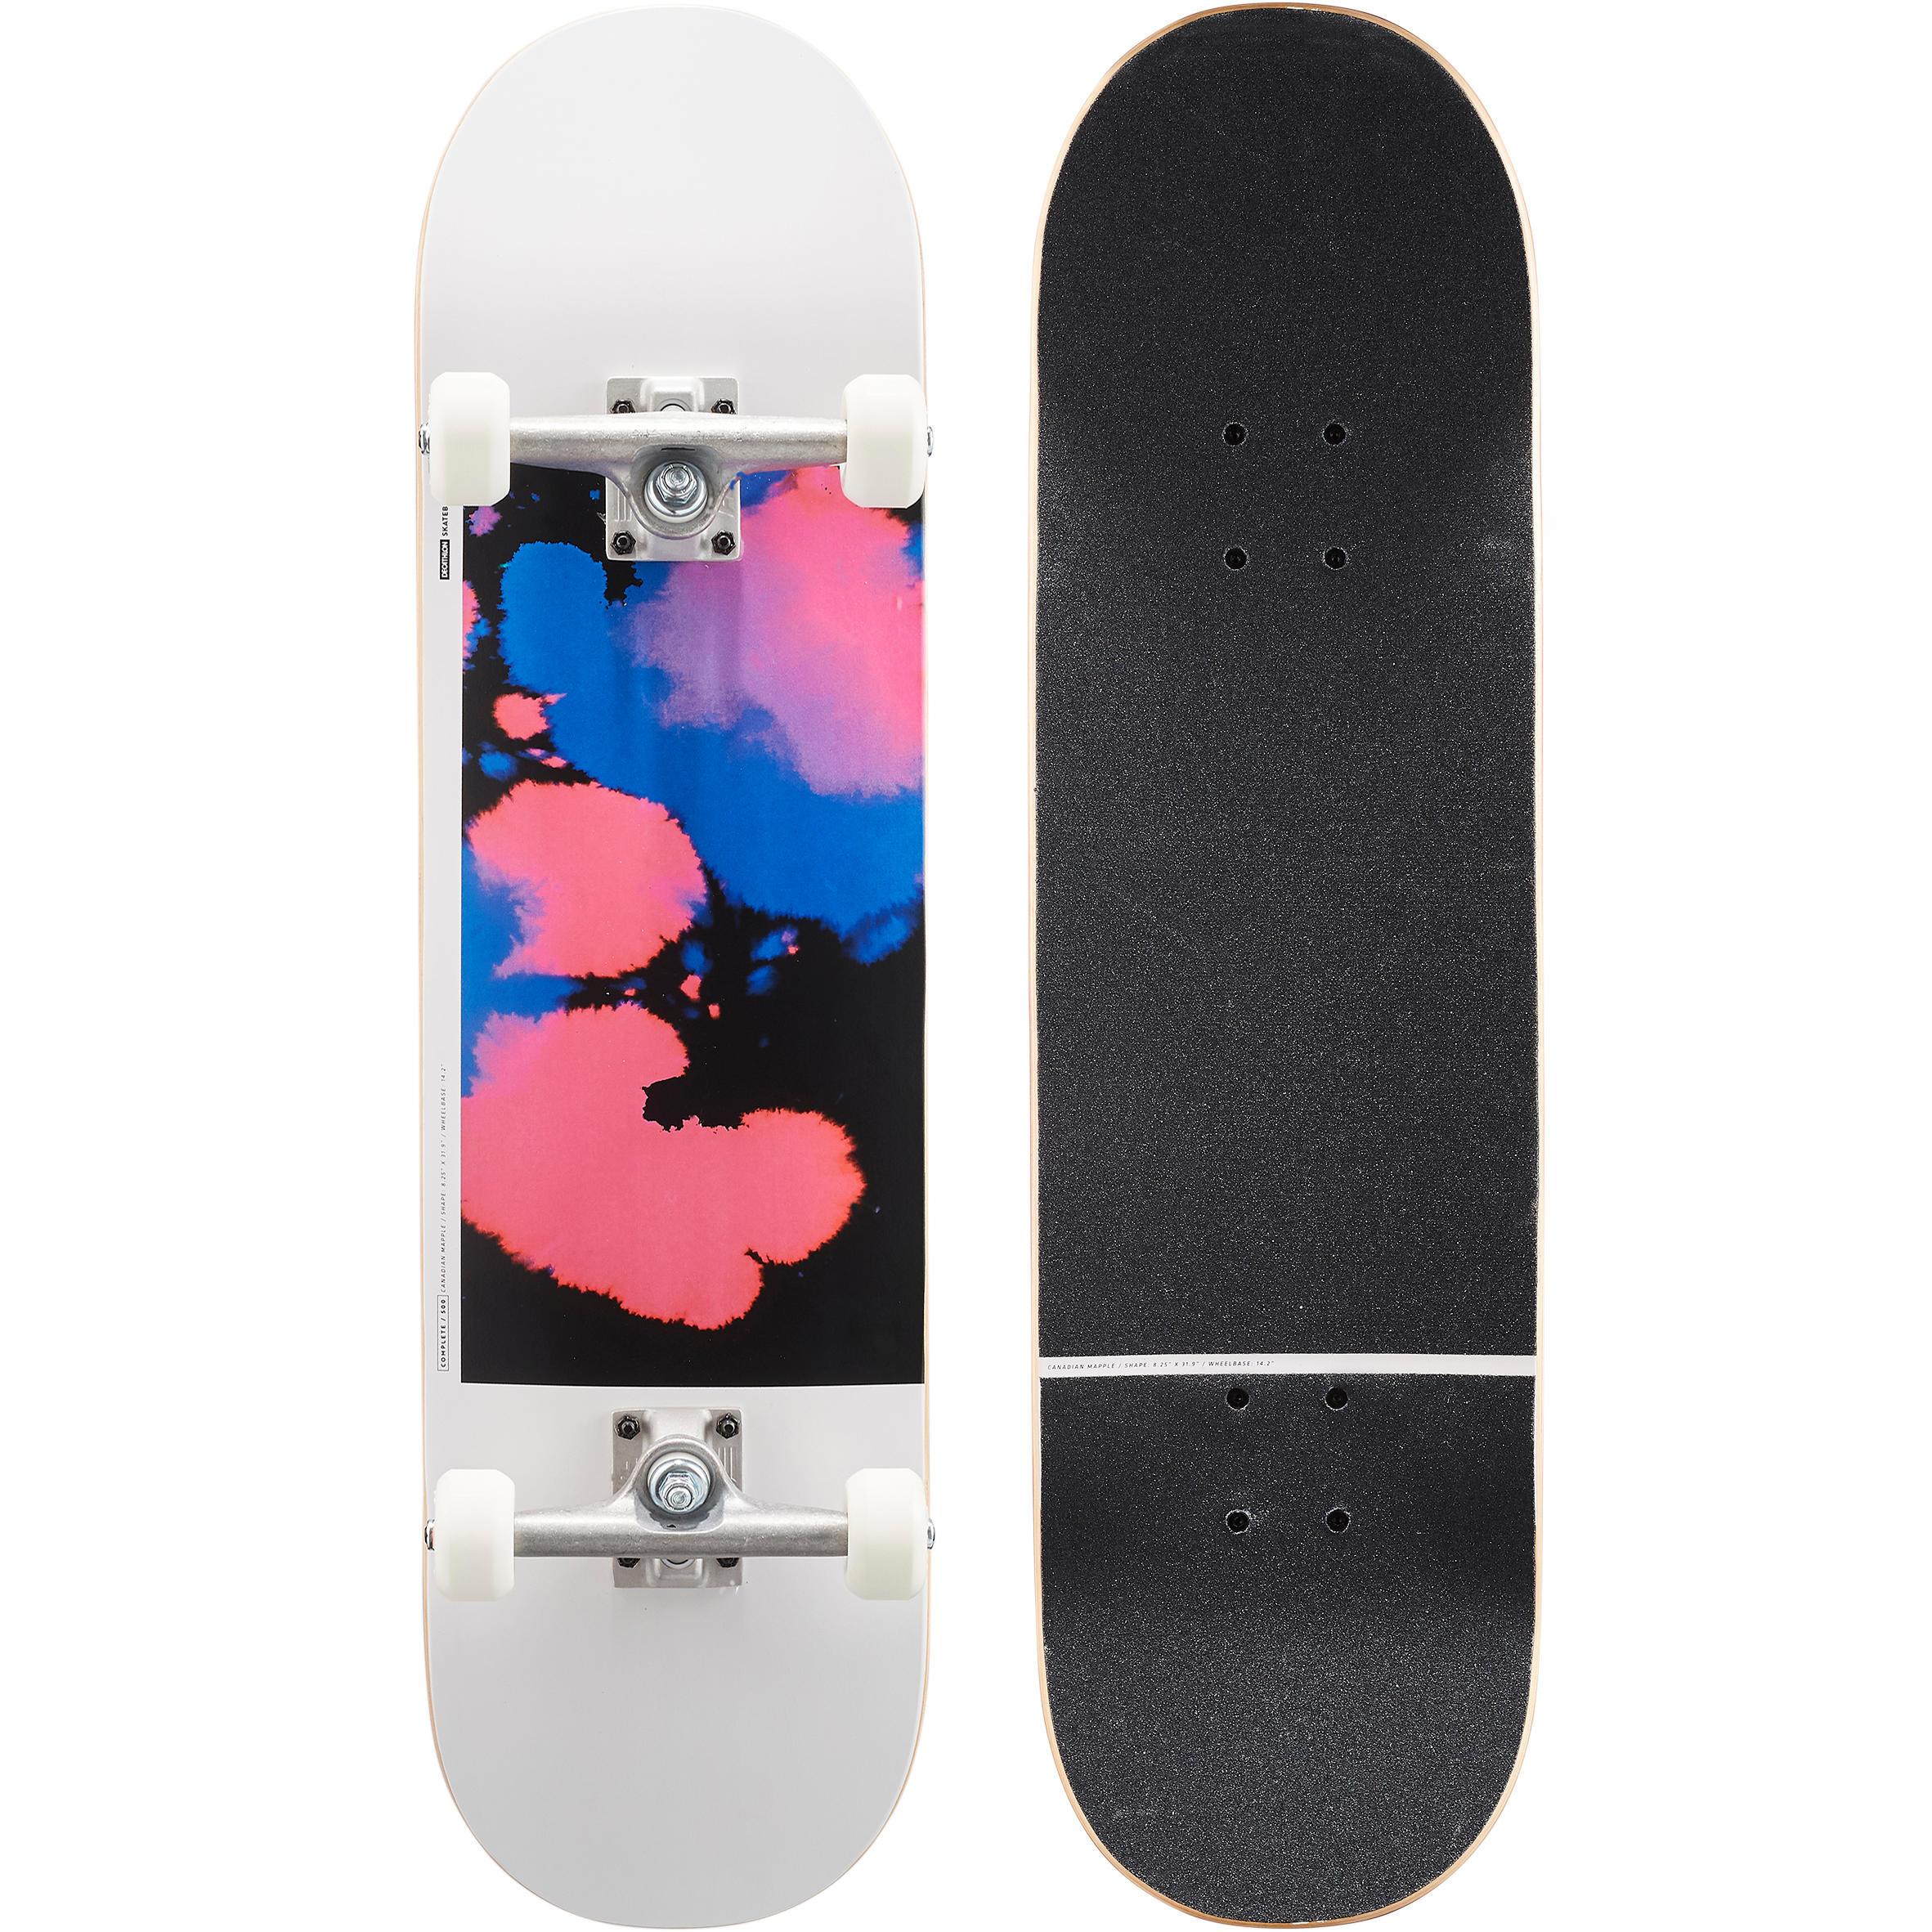 Comprar Tablas de Skate online  380e04b9b77